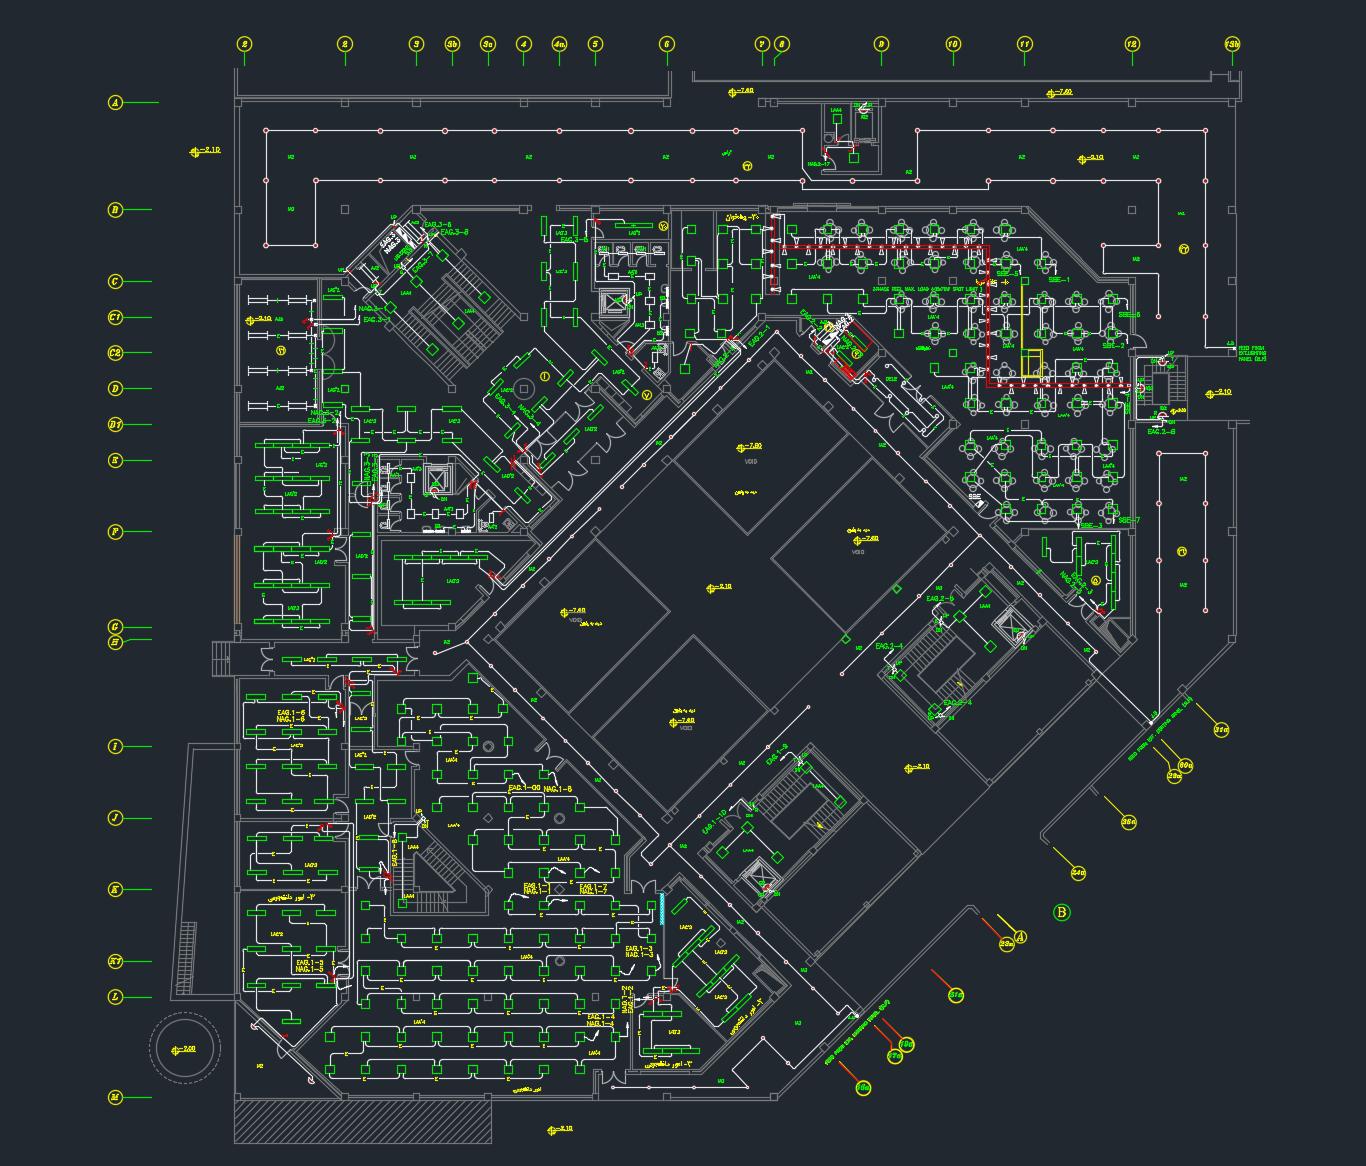 دانلود نقشه تأسیسات الکتریکی مجتمع ۱۷ طبقه ۹ واحدی